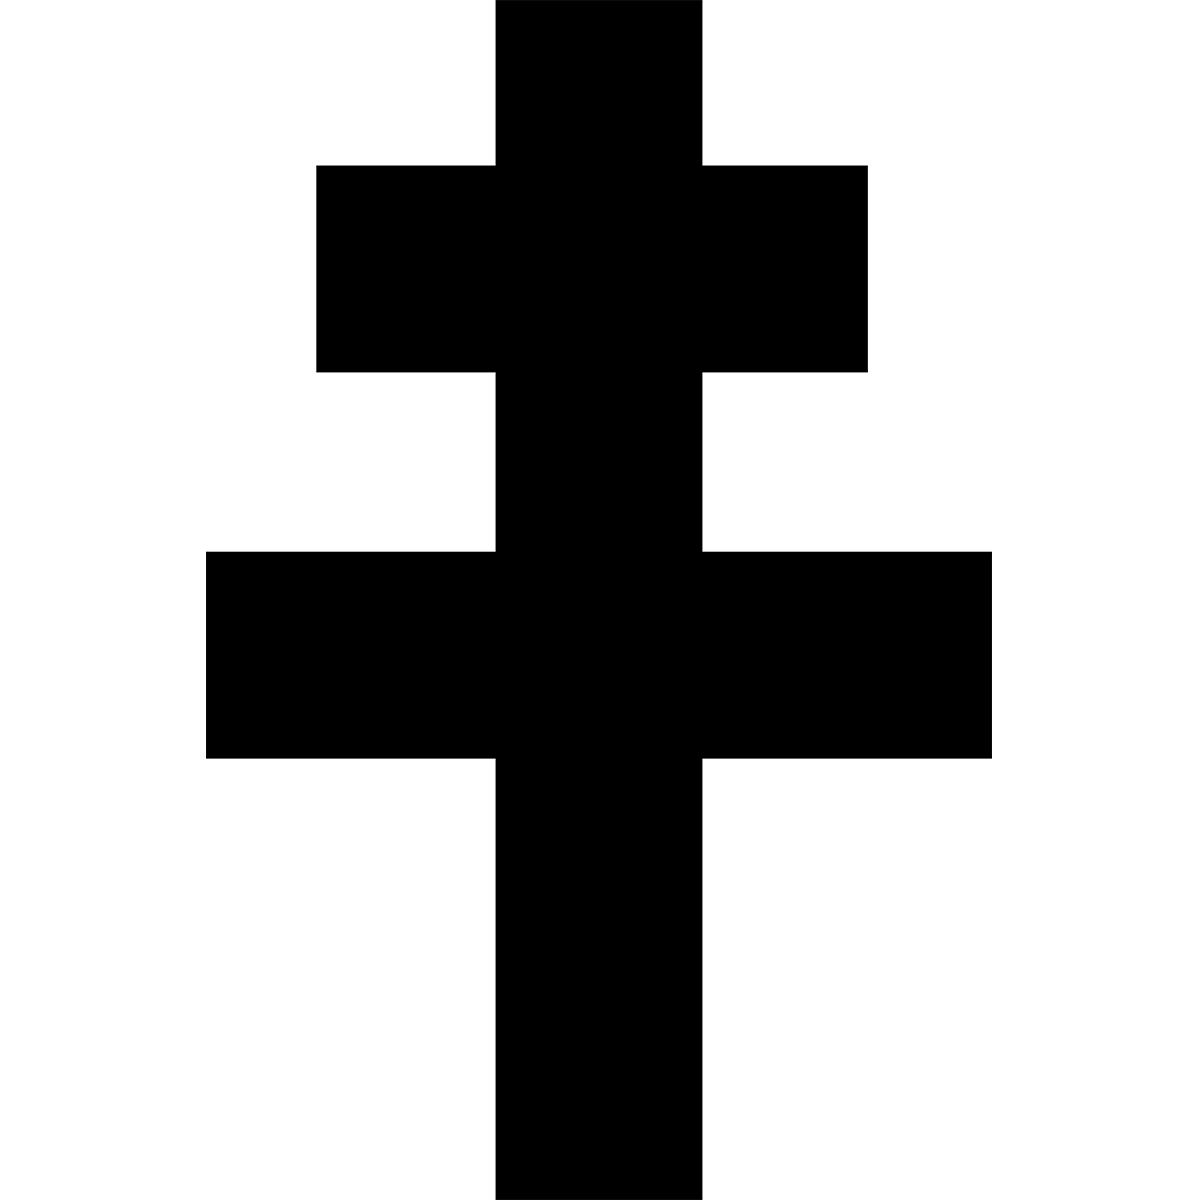 embleme croix de lorraine